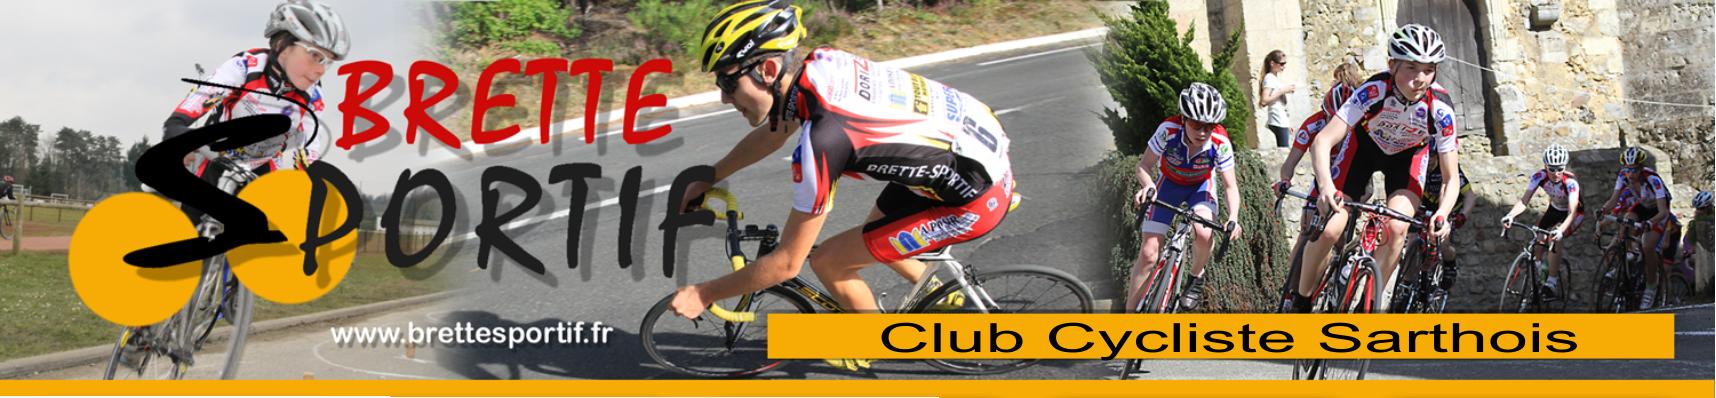 Brette Sportif Club Sarthopis de Cyclisme